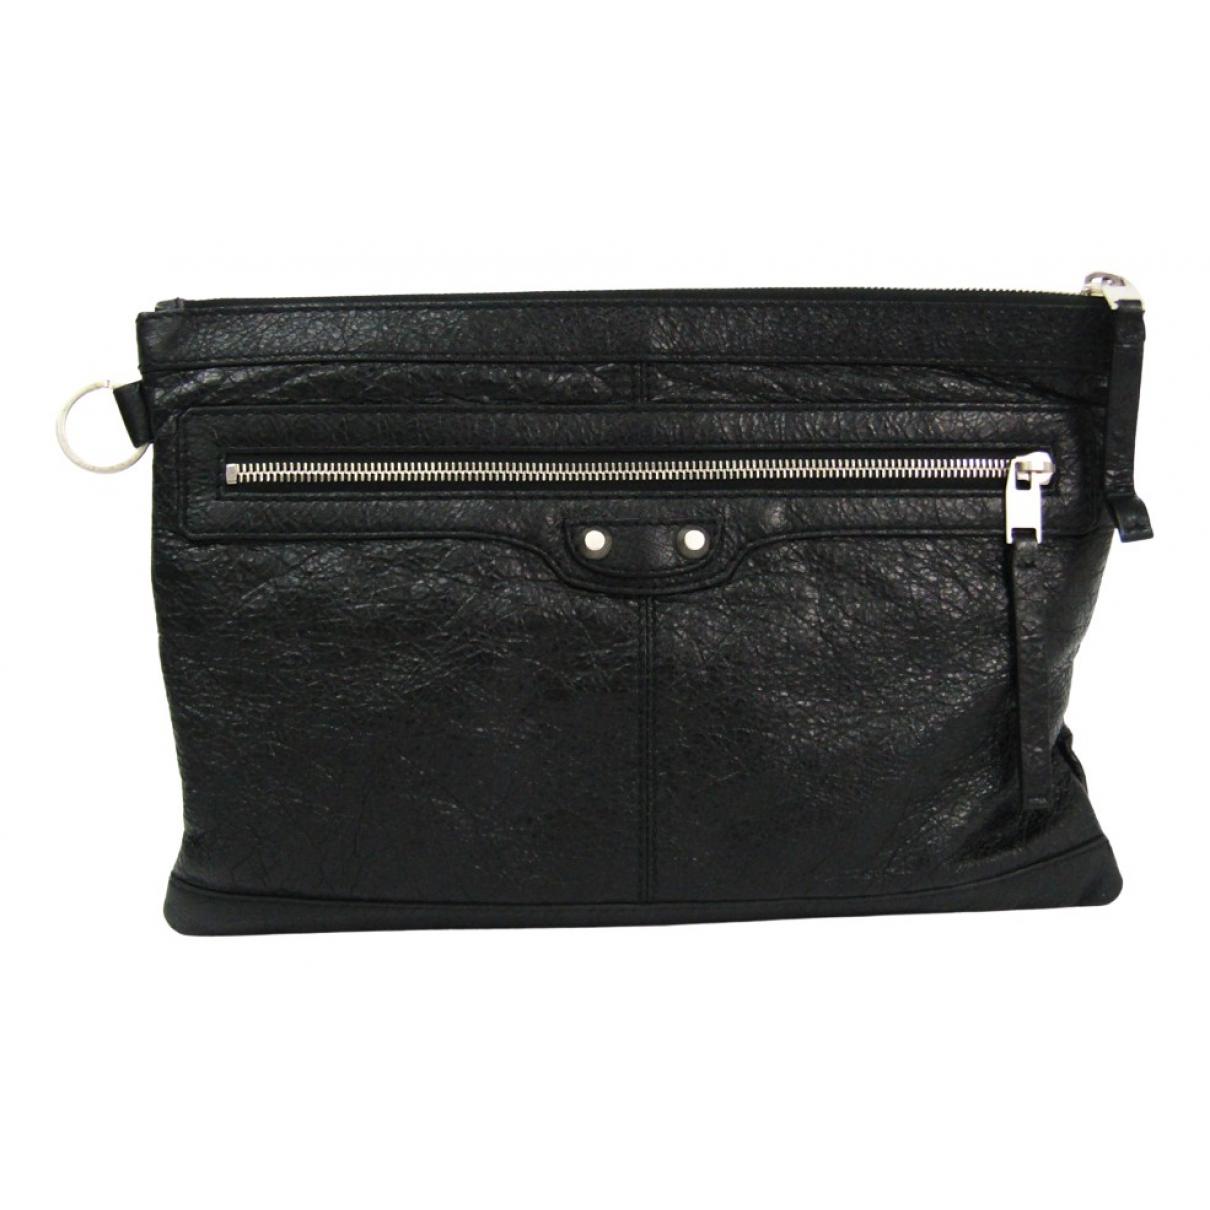 Balenciaga N Black Leather Clutch bag for Women N